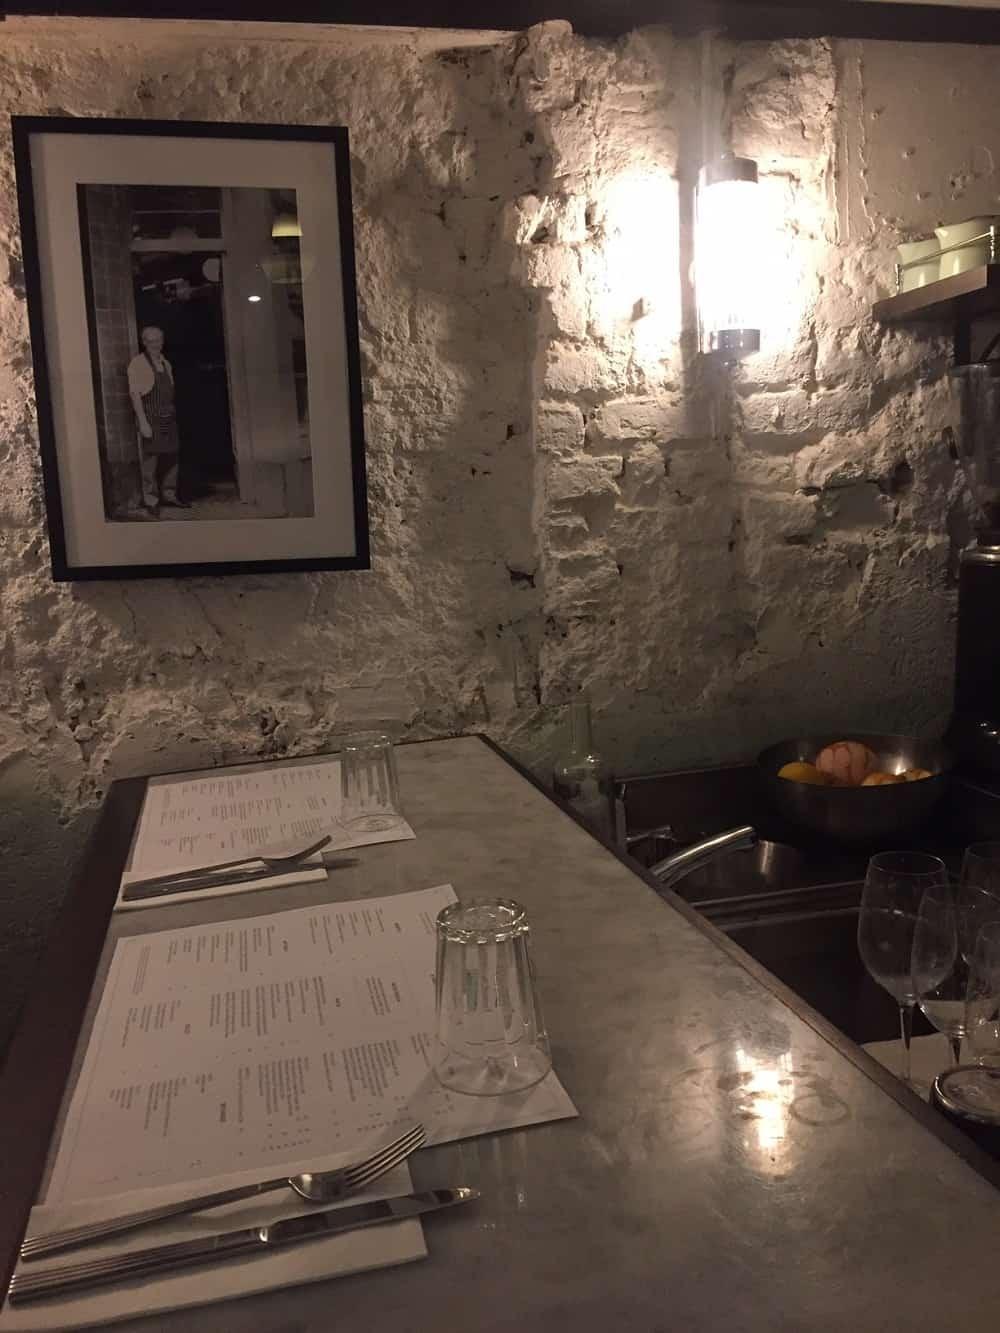 Bar seating at Lina Stores restaurant